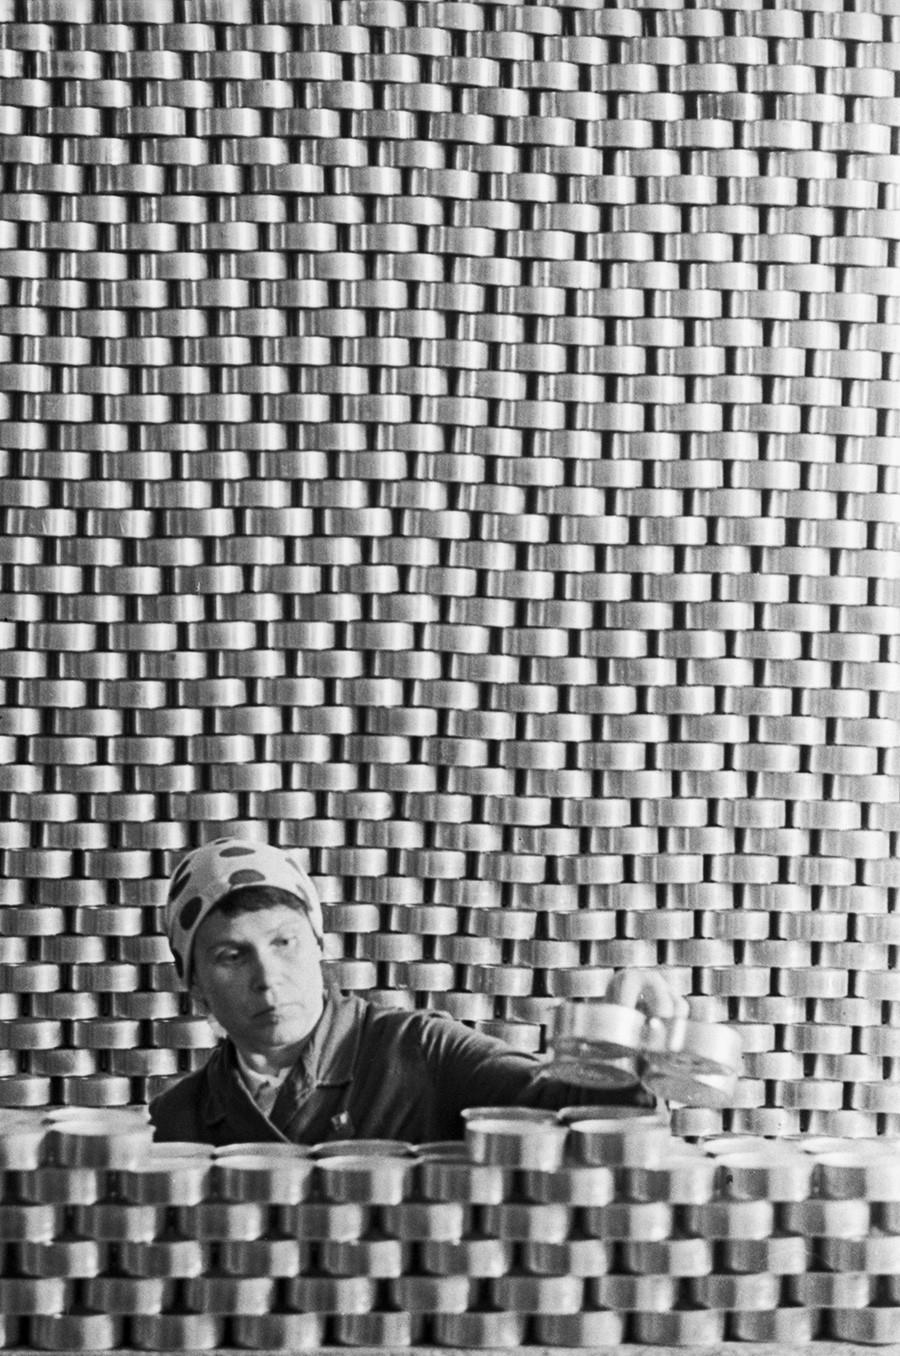 Inspector de calidad en el taller de enlatado de la fábrica de pescado de Yamalo-Nenets, 1972.